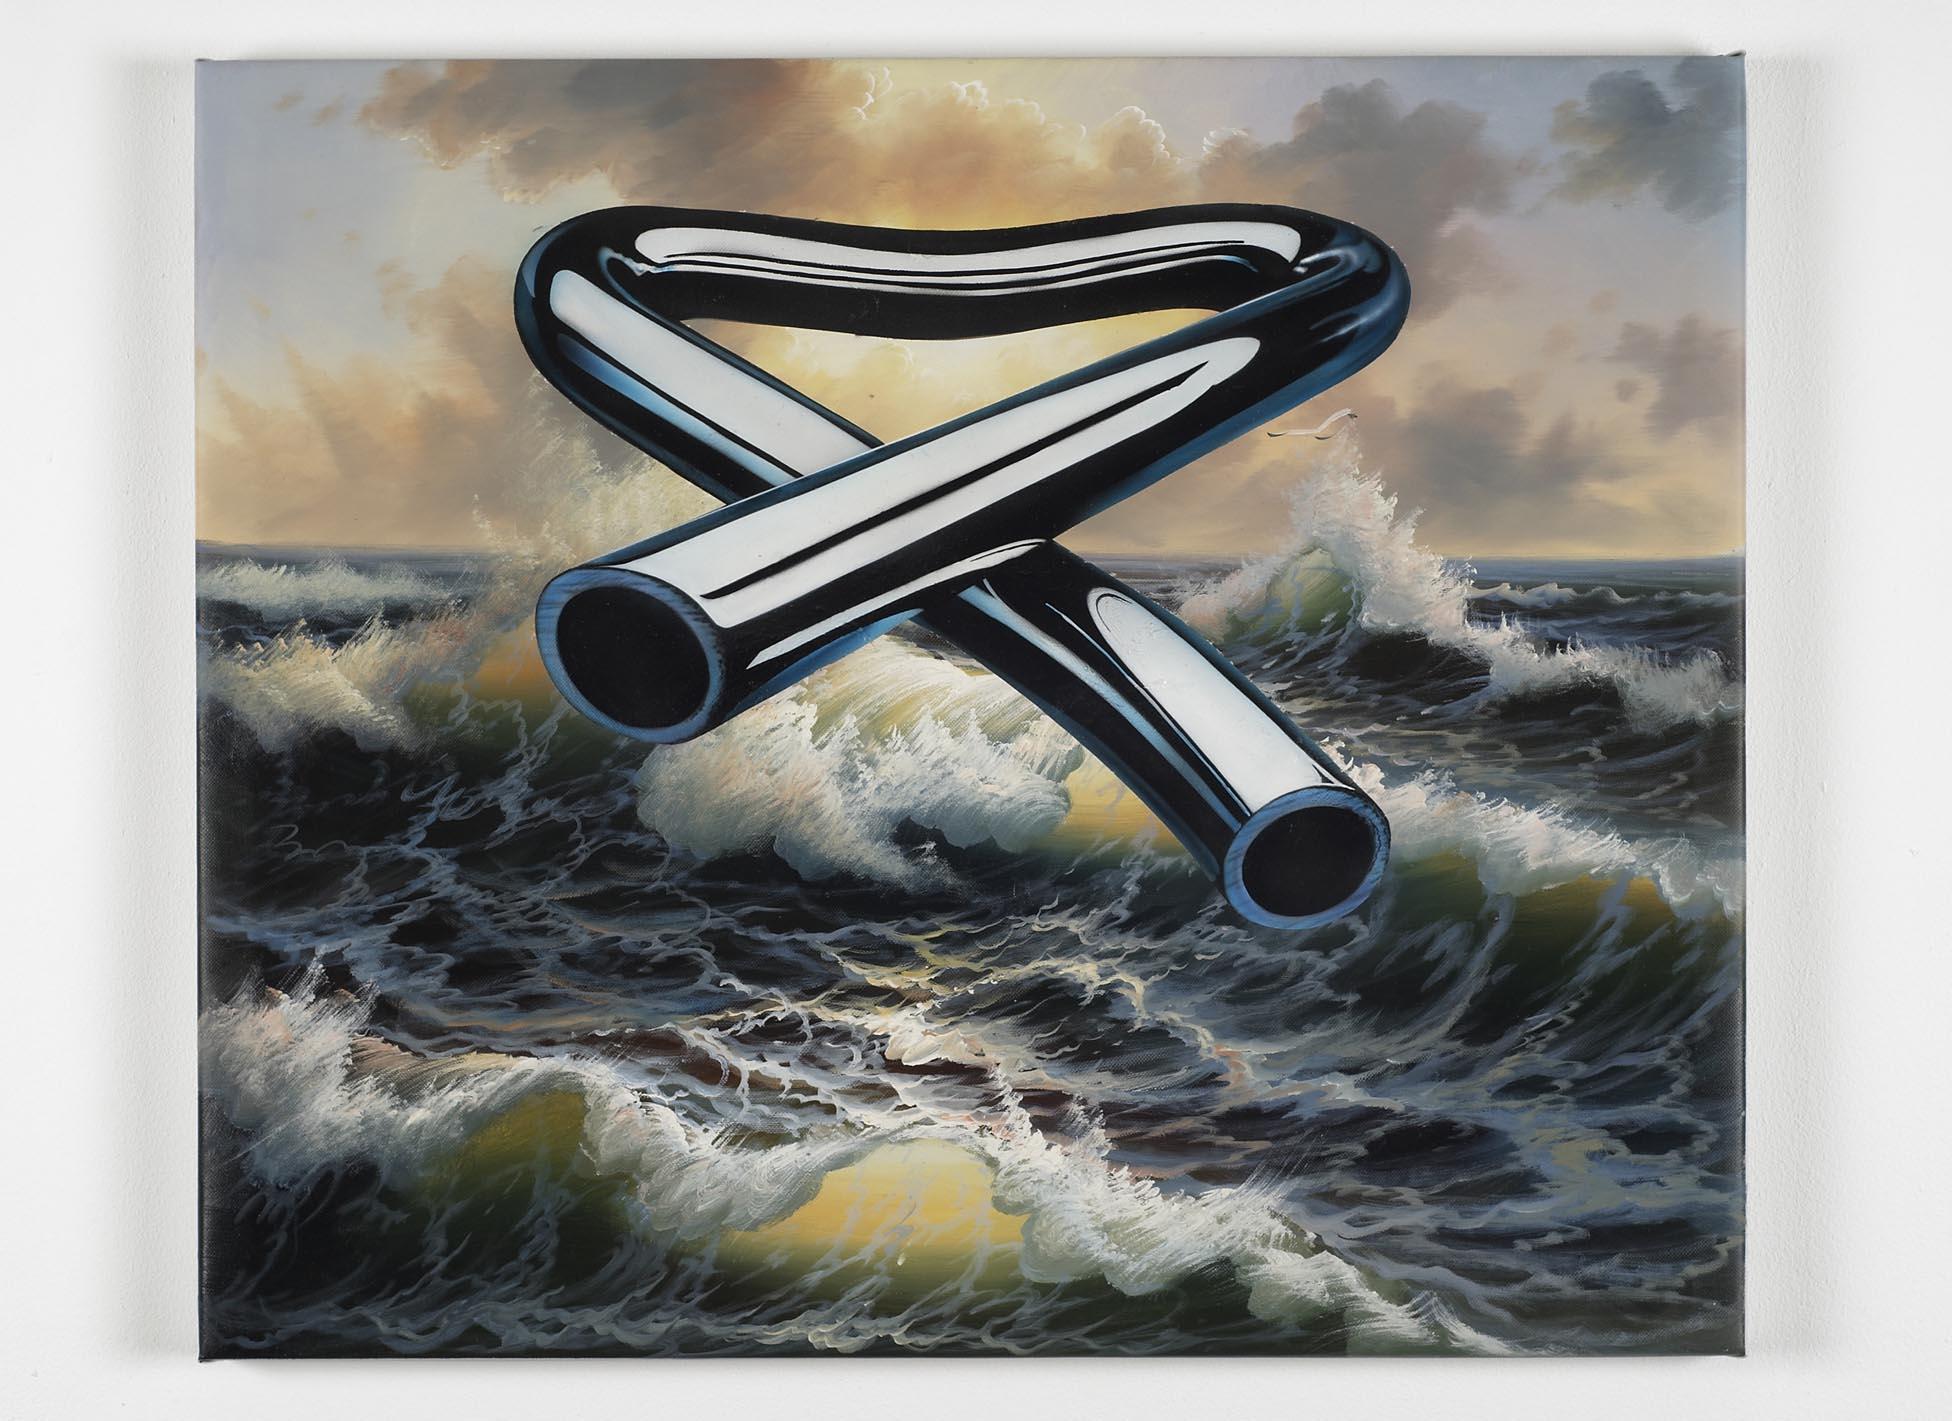 Tubular Bells 1 2008 oil and acrylic on canvas 51.5 x 61.5cm